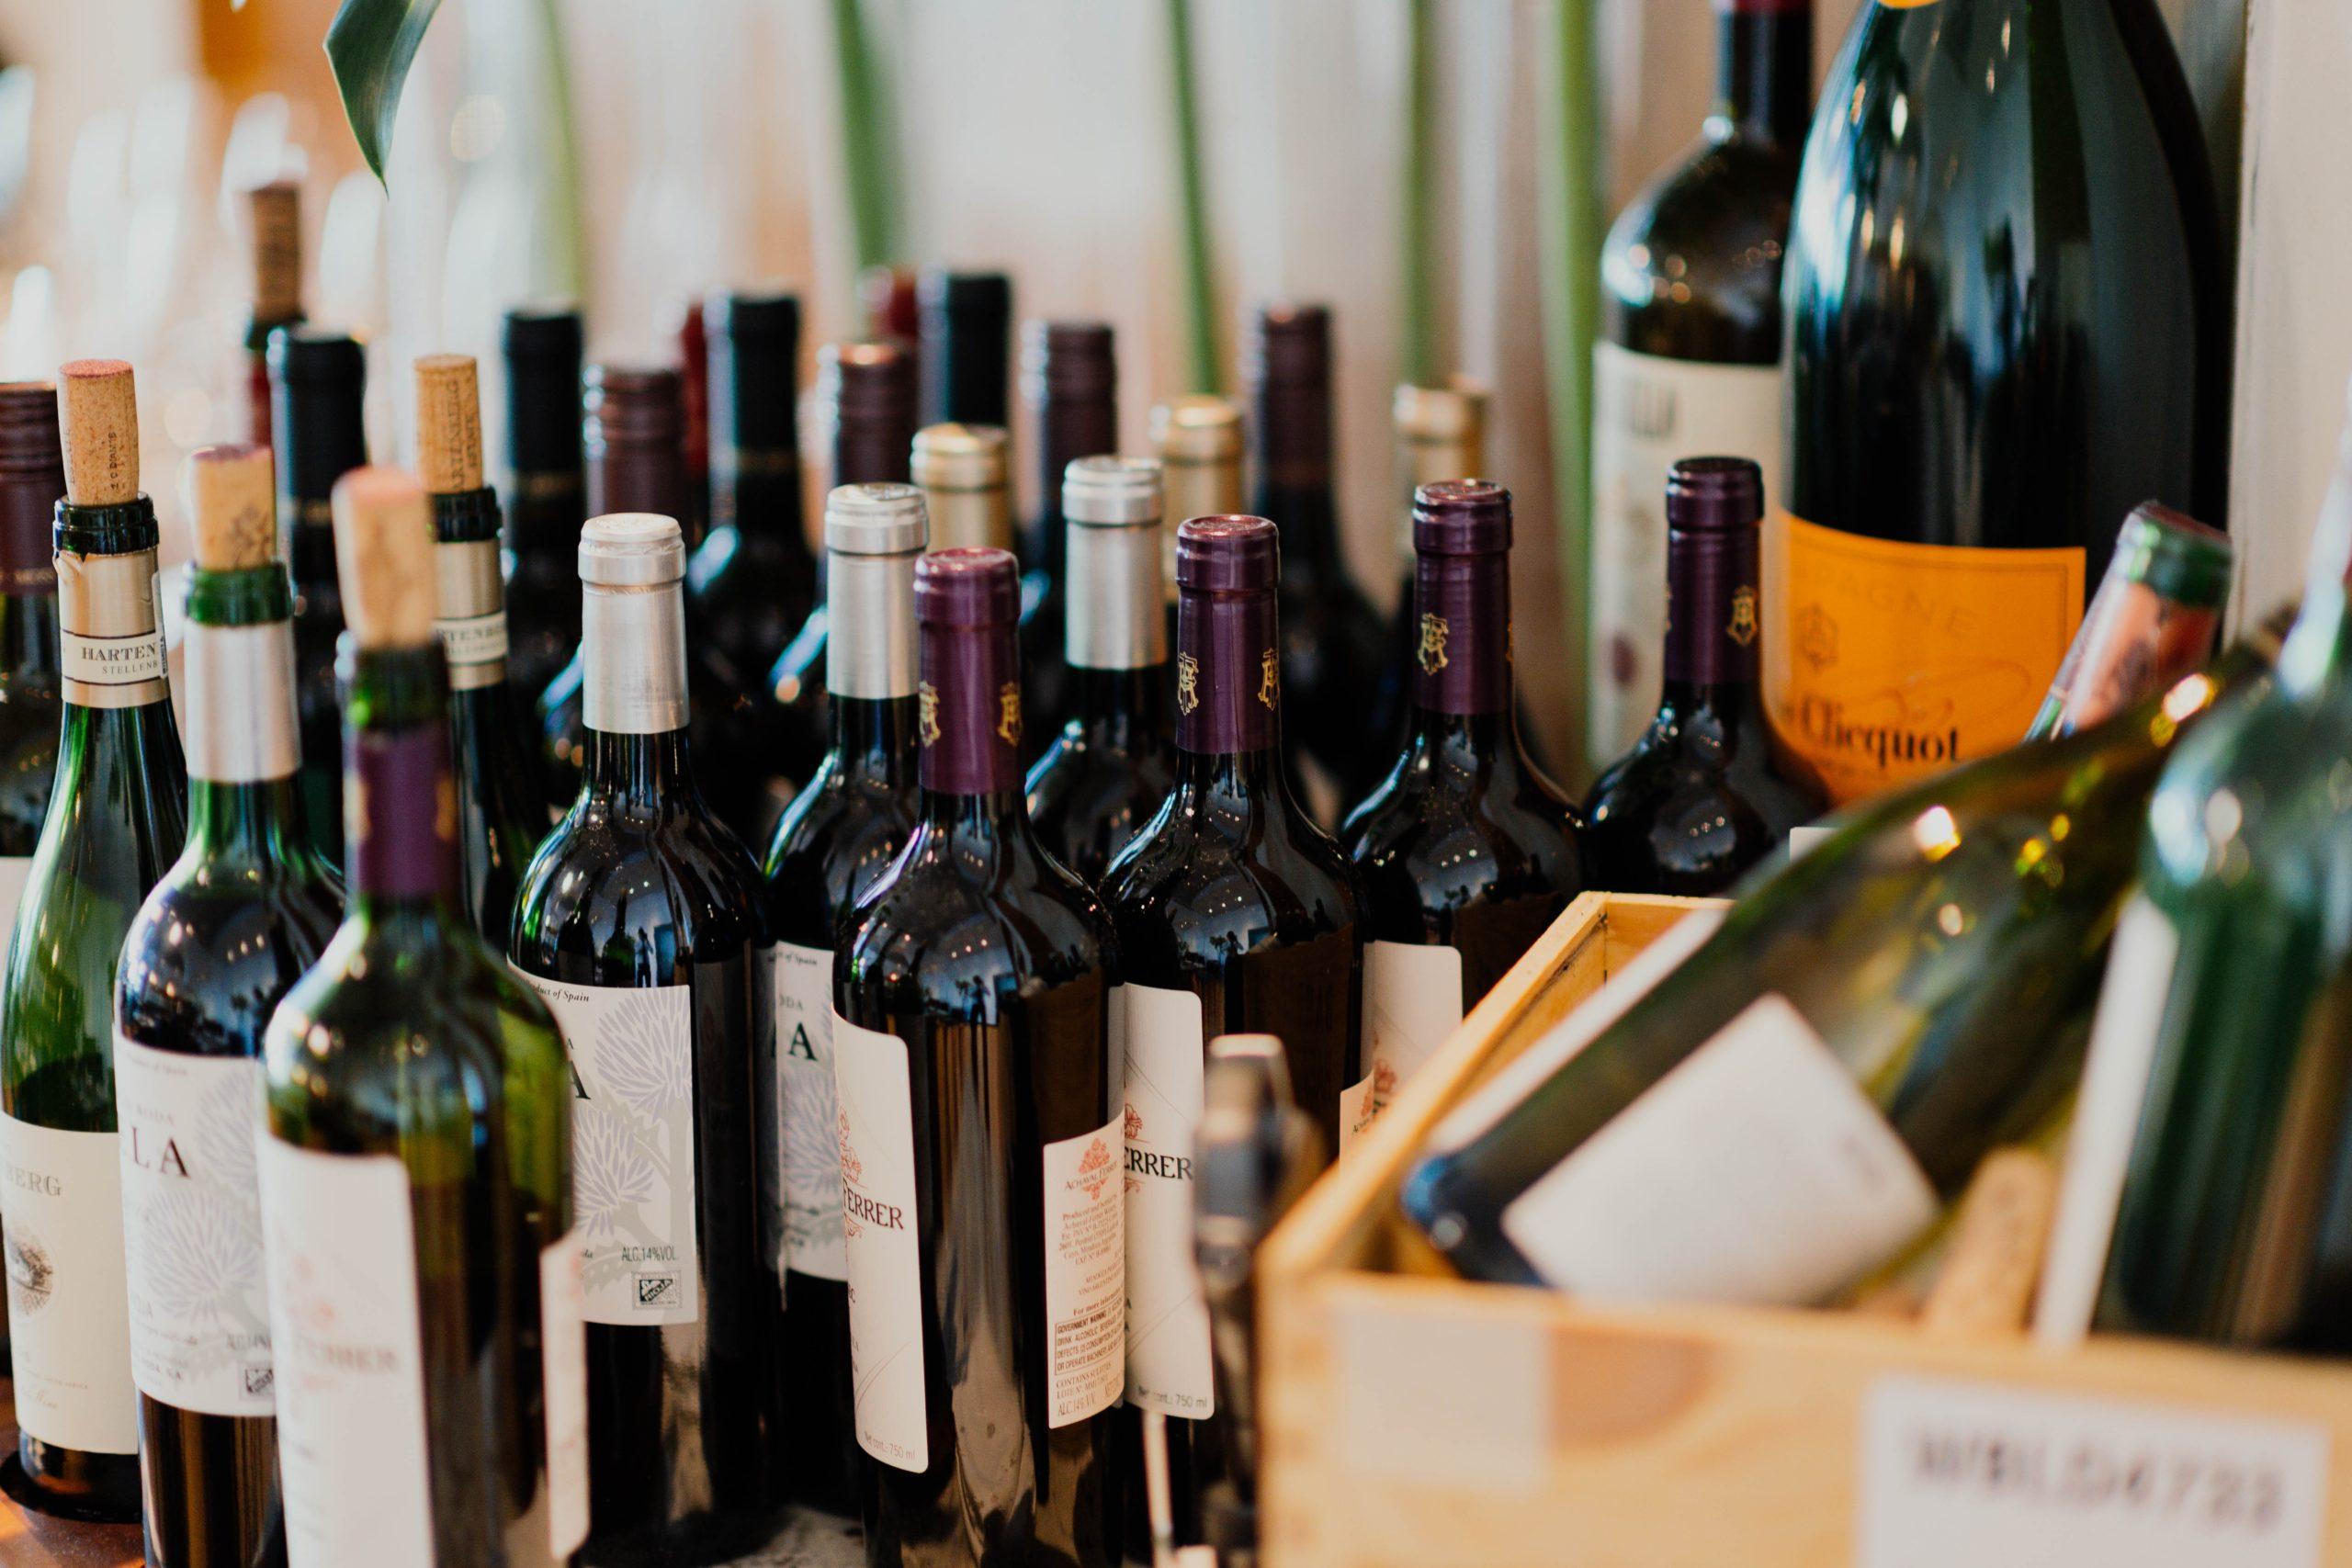 Botellas de vino